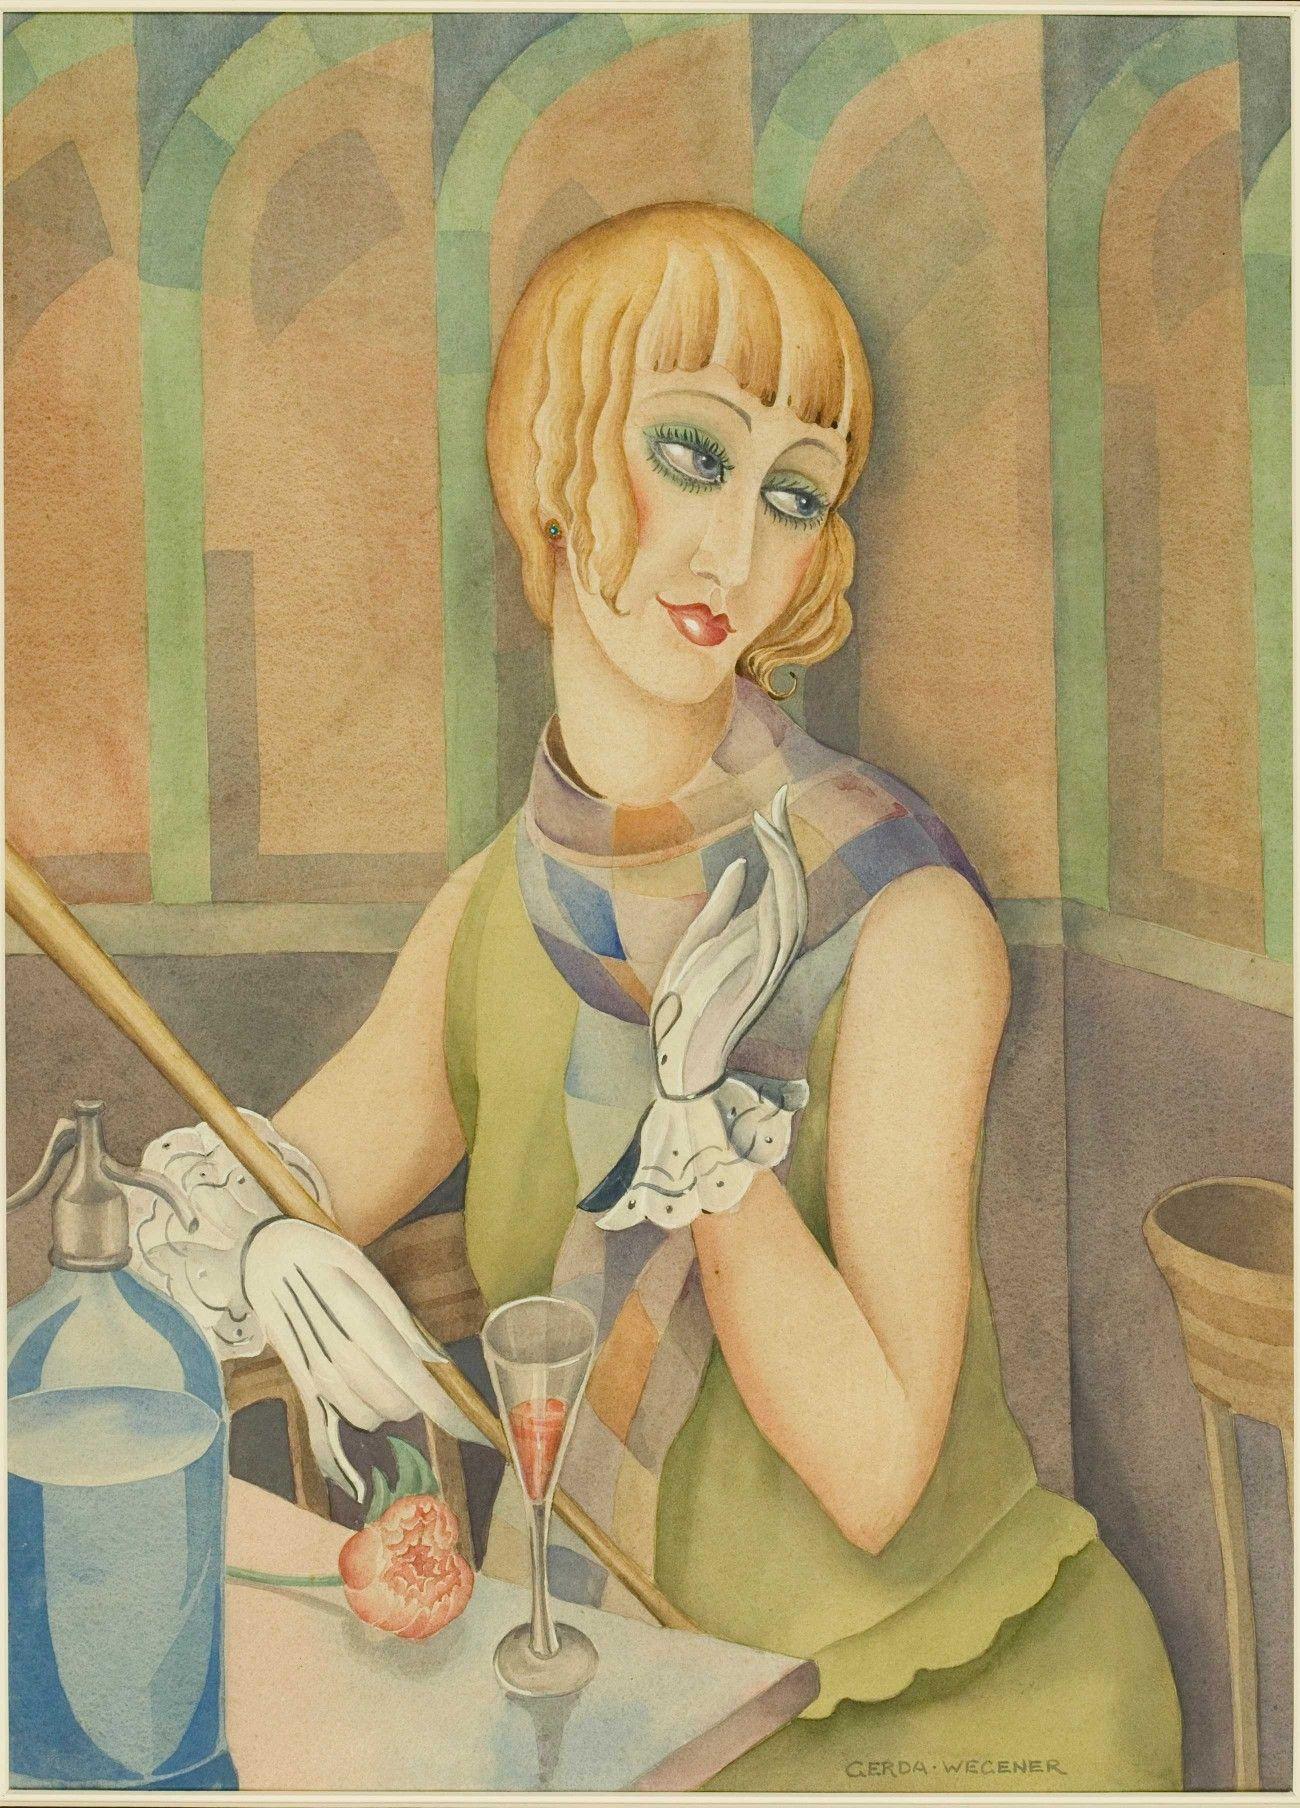 Retrato De Lili Elbe Gerda Wegener Pinturas Para Niñas La Chica Danesa Producción Artística